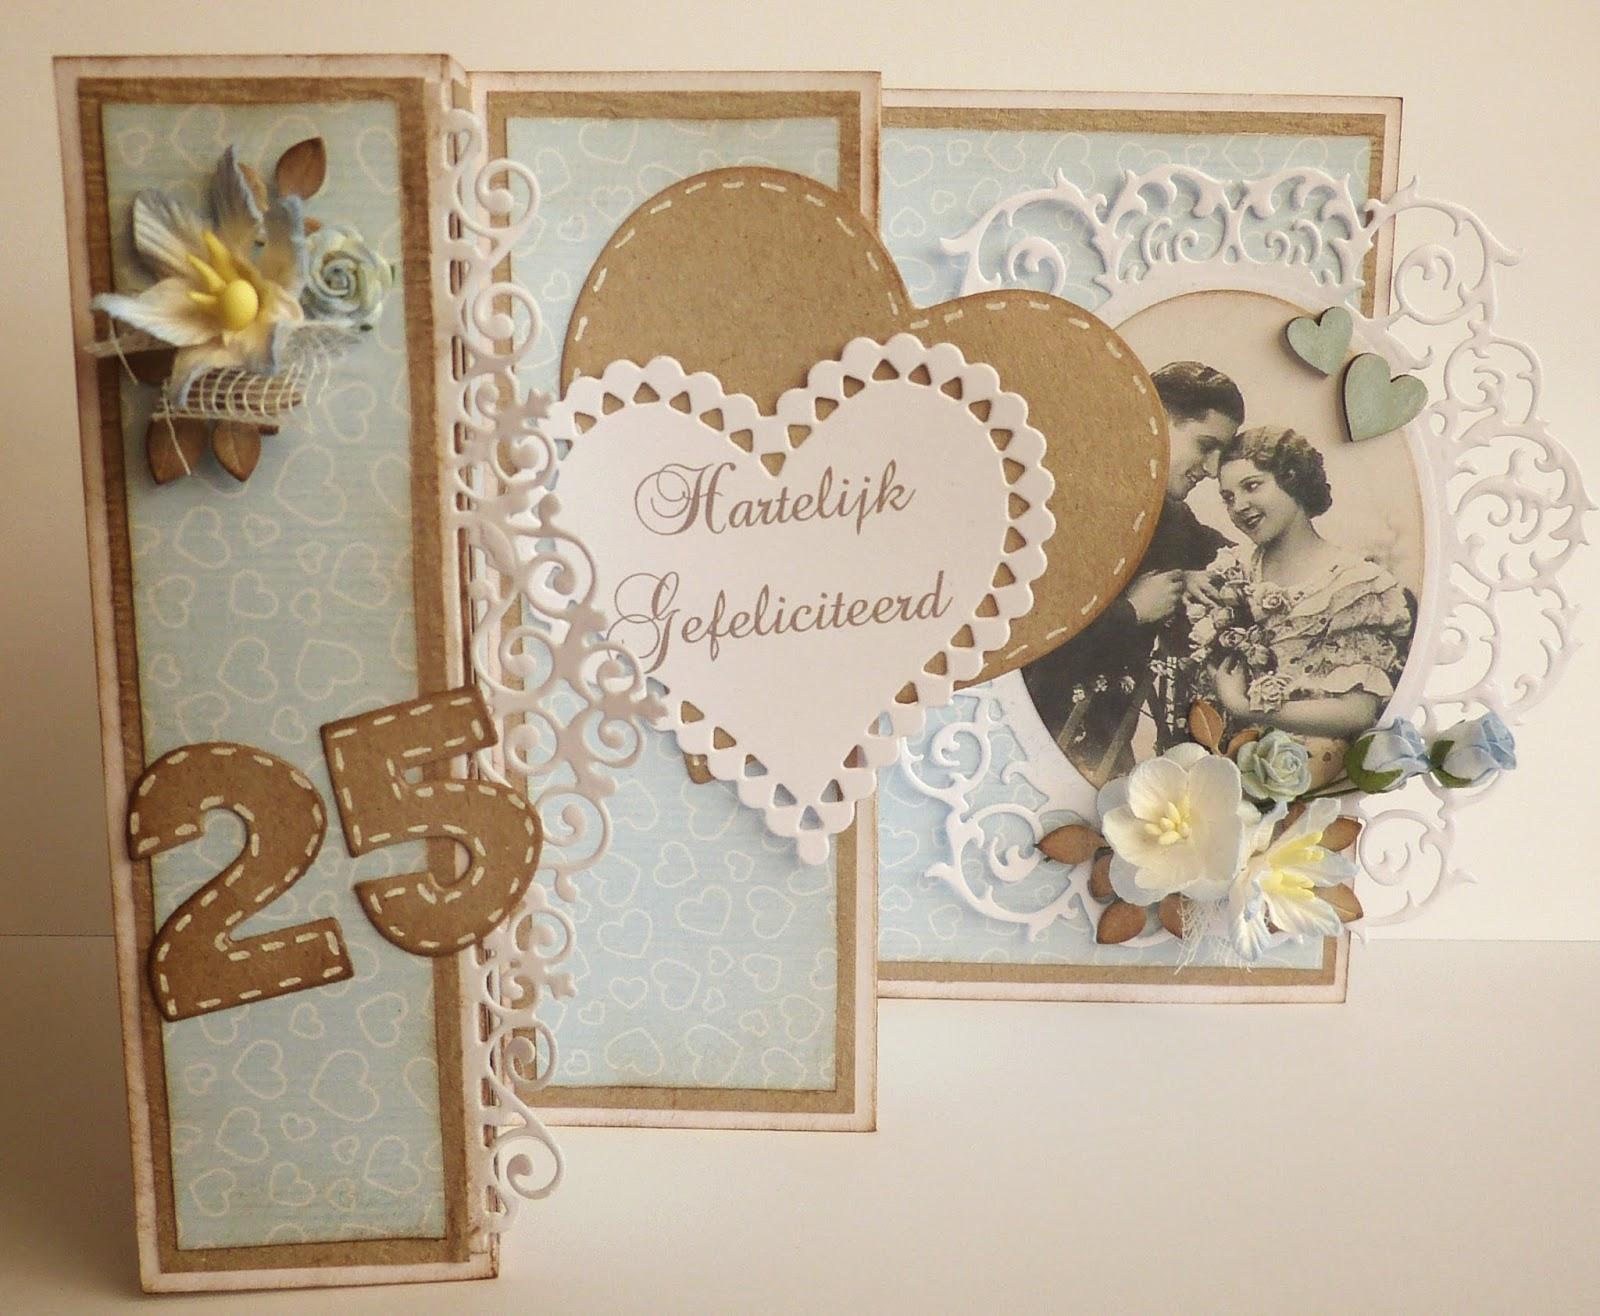 25 jaar getrouwd kaart maken 25 Jaar Huwelijk Kaarten Maken   ARCHIDEV 25 jaar getrouwd kaart maken